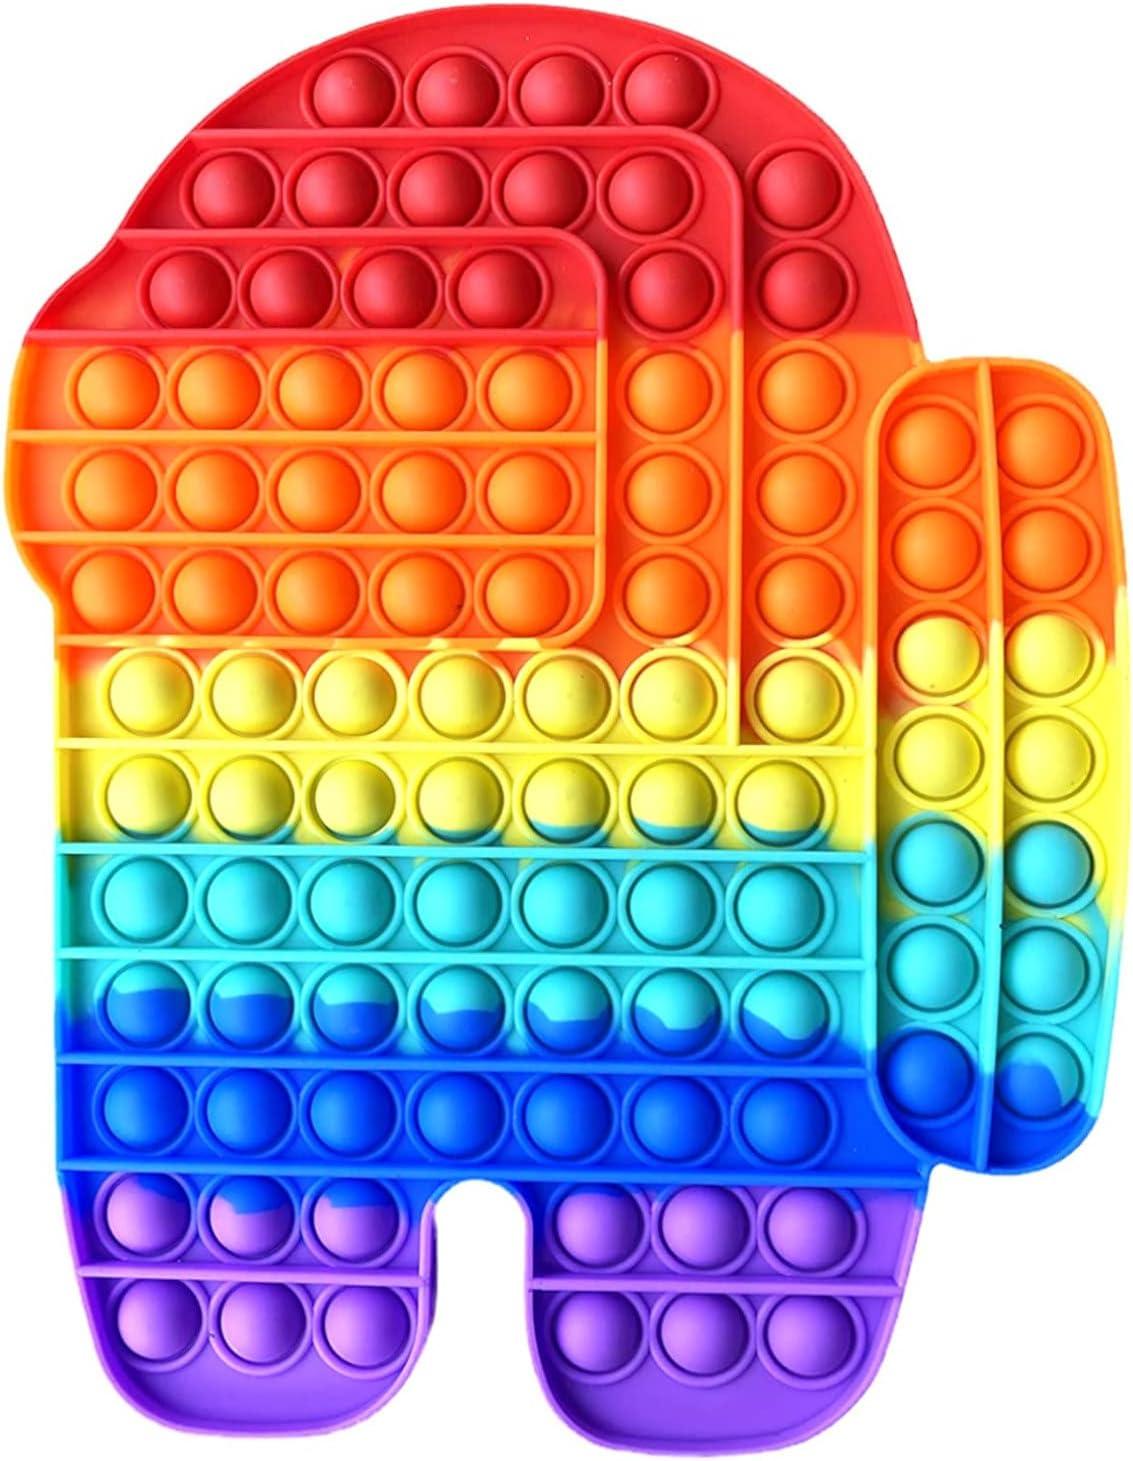 Fidget Toy Juguete Antiestres | Pop It Sensorial Among us Gigante para Niños y Adultos | Bubble Push Pop it Among Us | Juguetes Antiestrés de Explotar Burbujas para Aliviar Estrés y Ansiedad